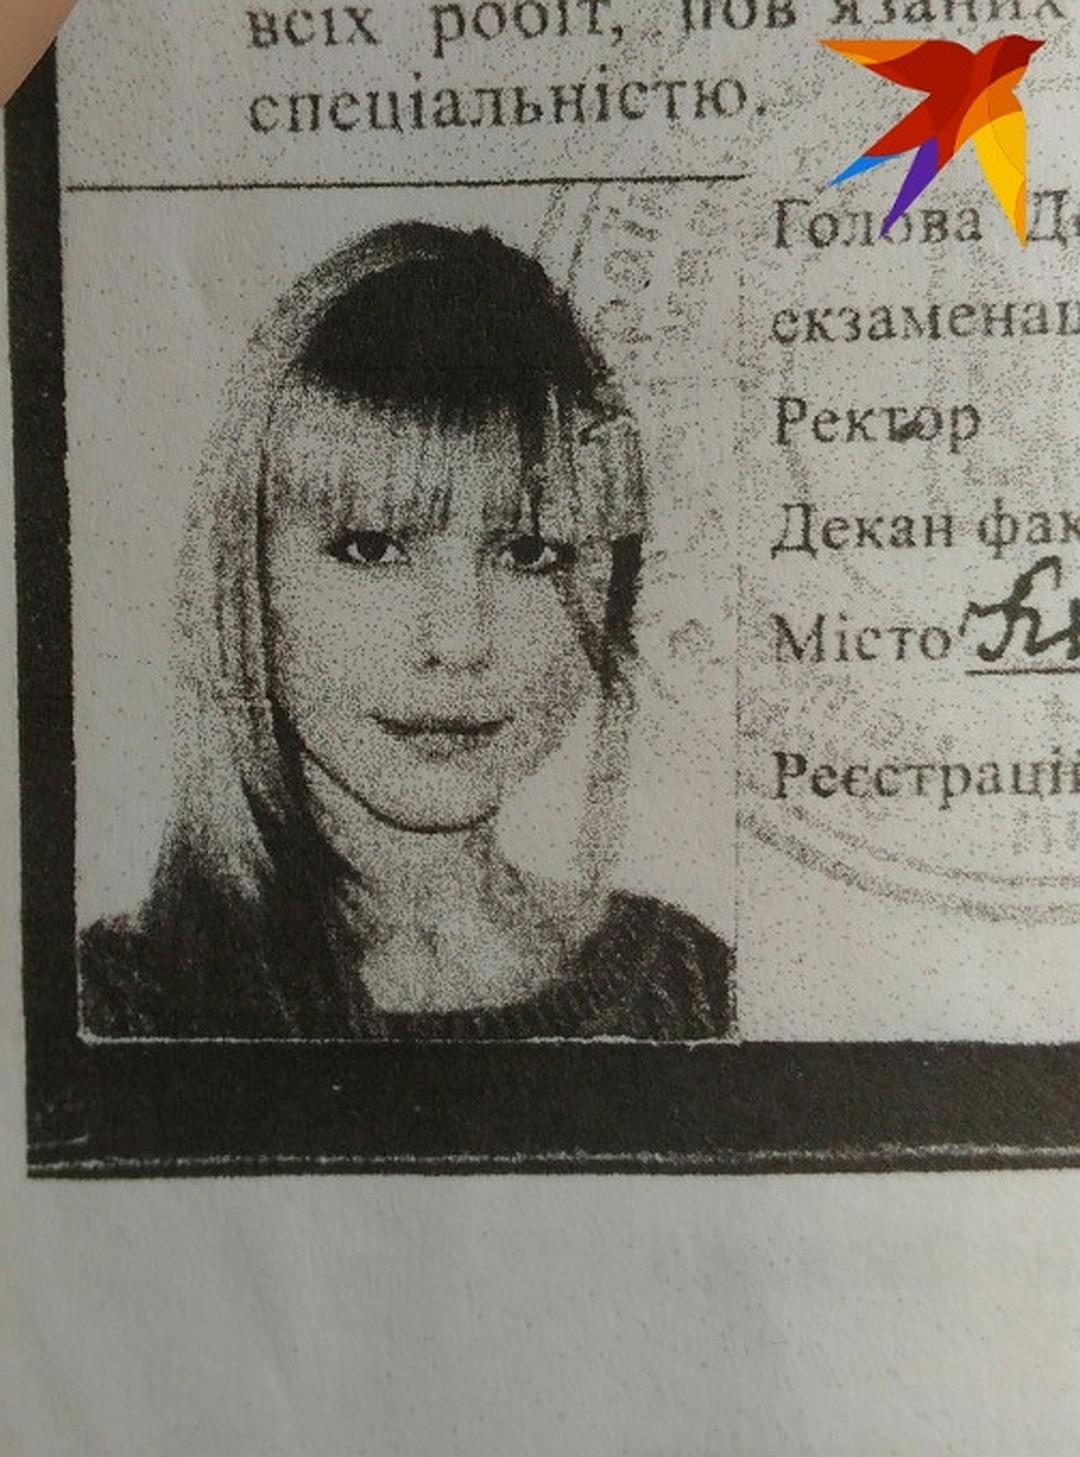 В дипломе наклеено фото врача, в 2005 году она, правда, была со светлыми волосами. Фото: Евгения ХИЛЬКО